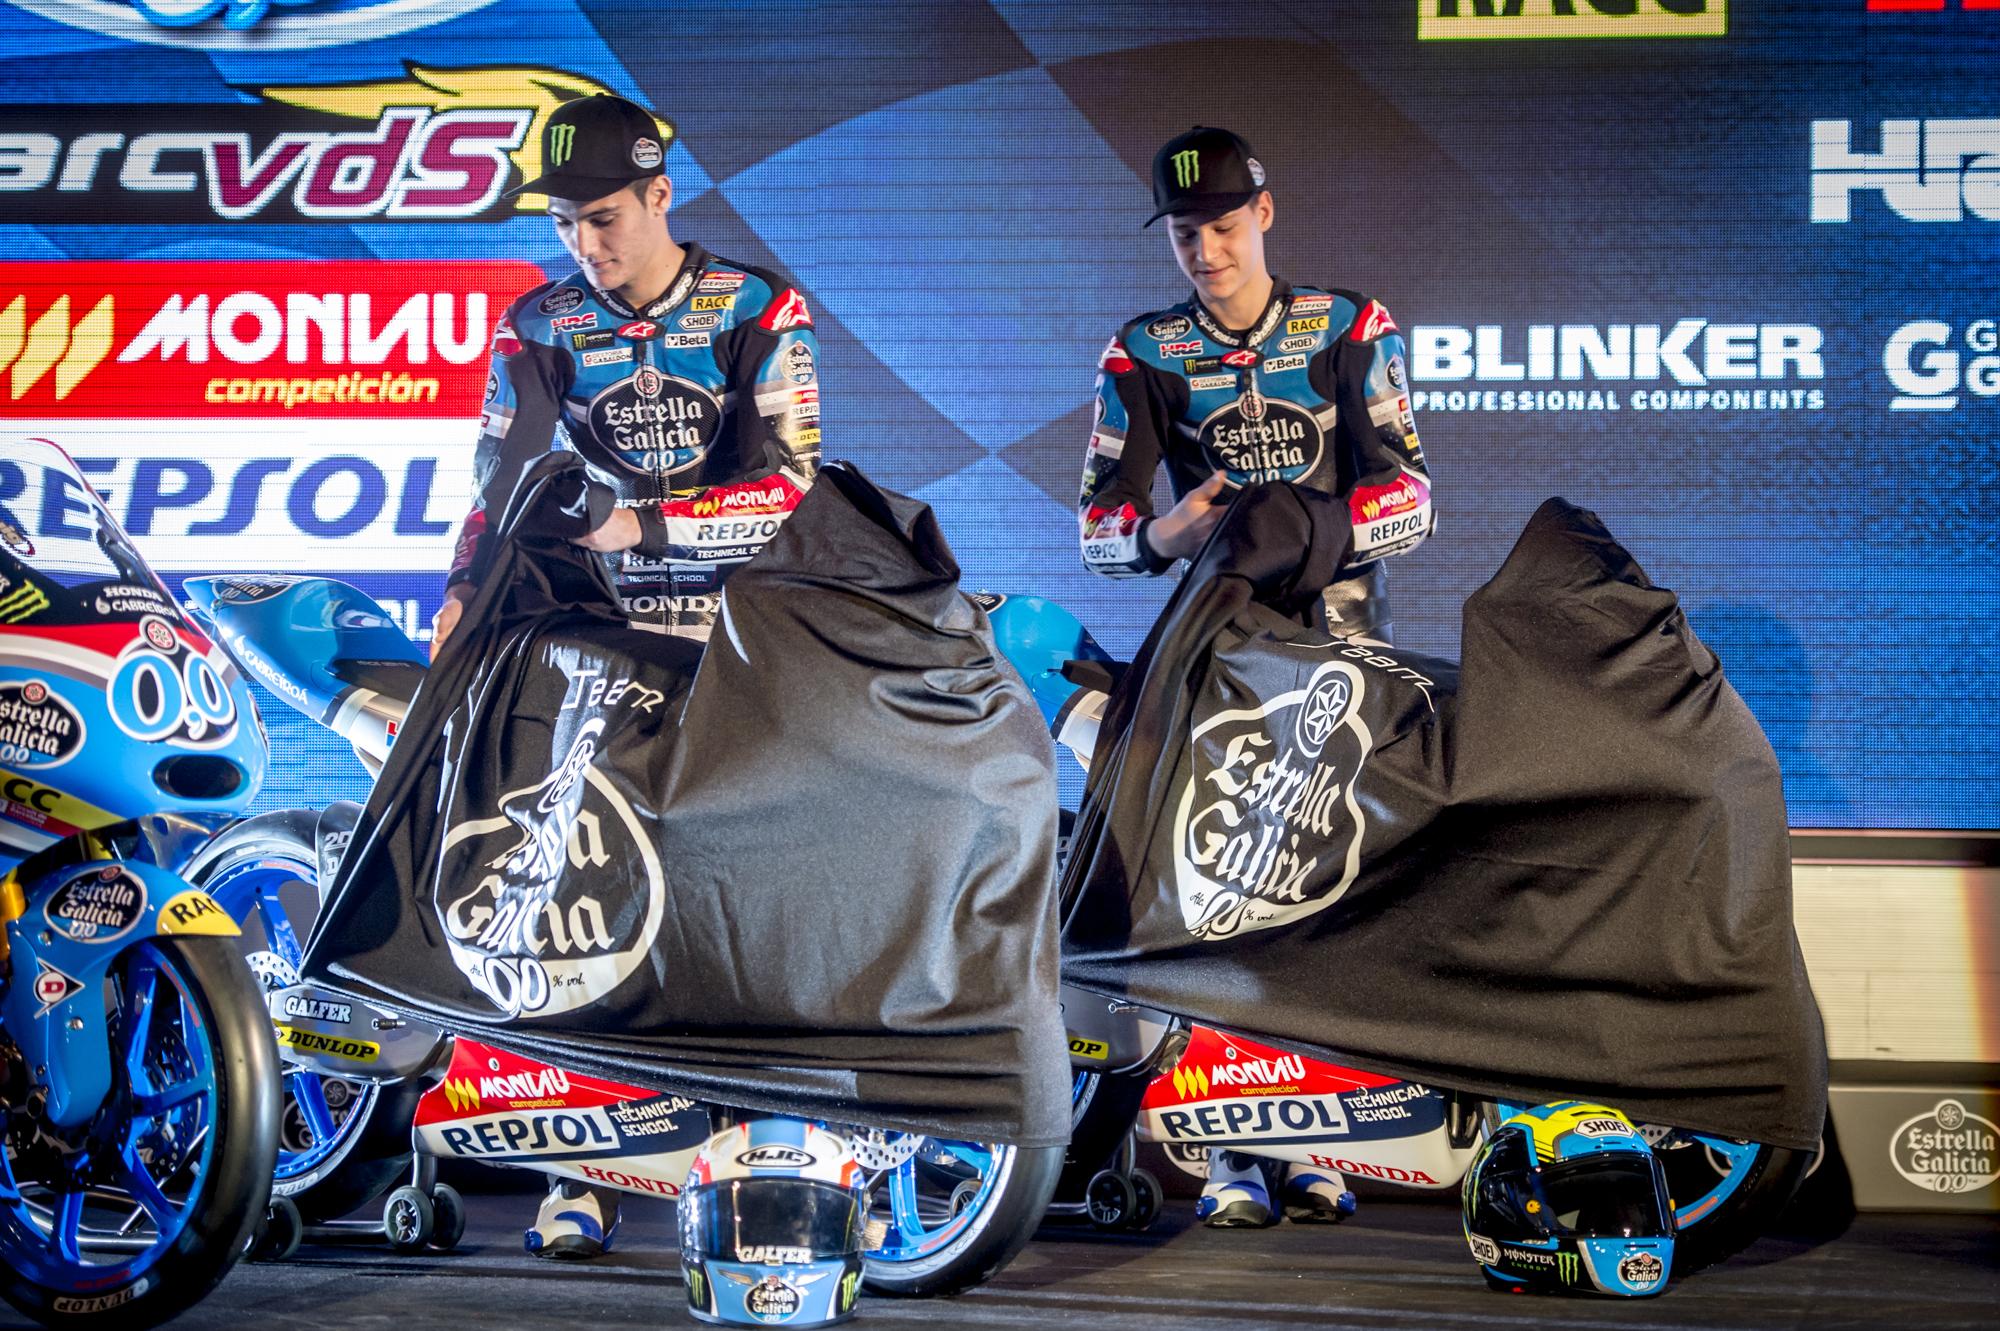 Presentación- Team estrella Galicia 0,0 motoGP